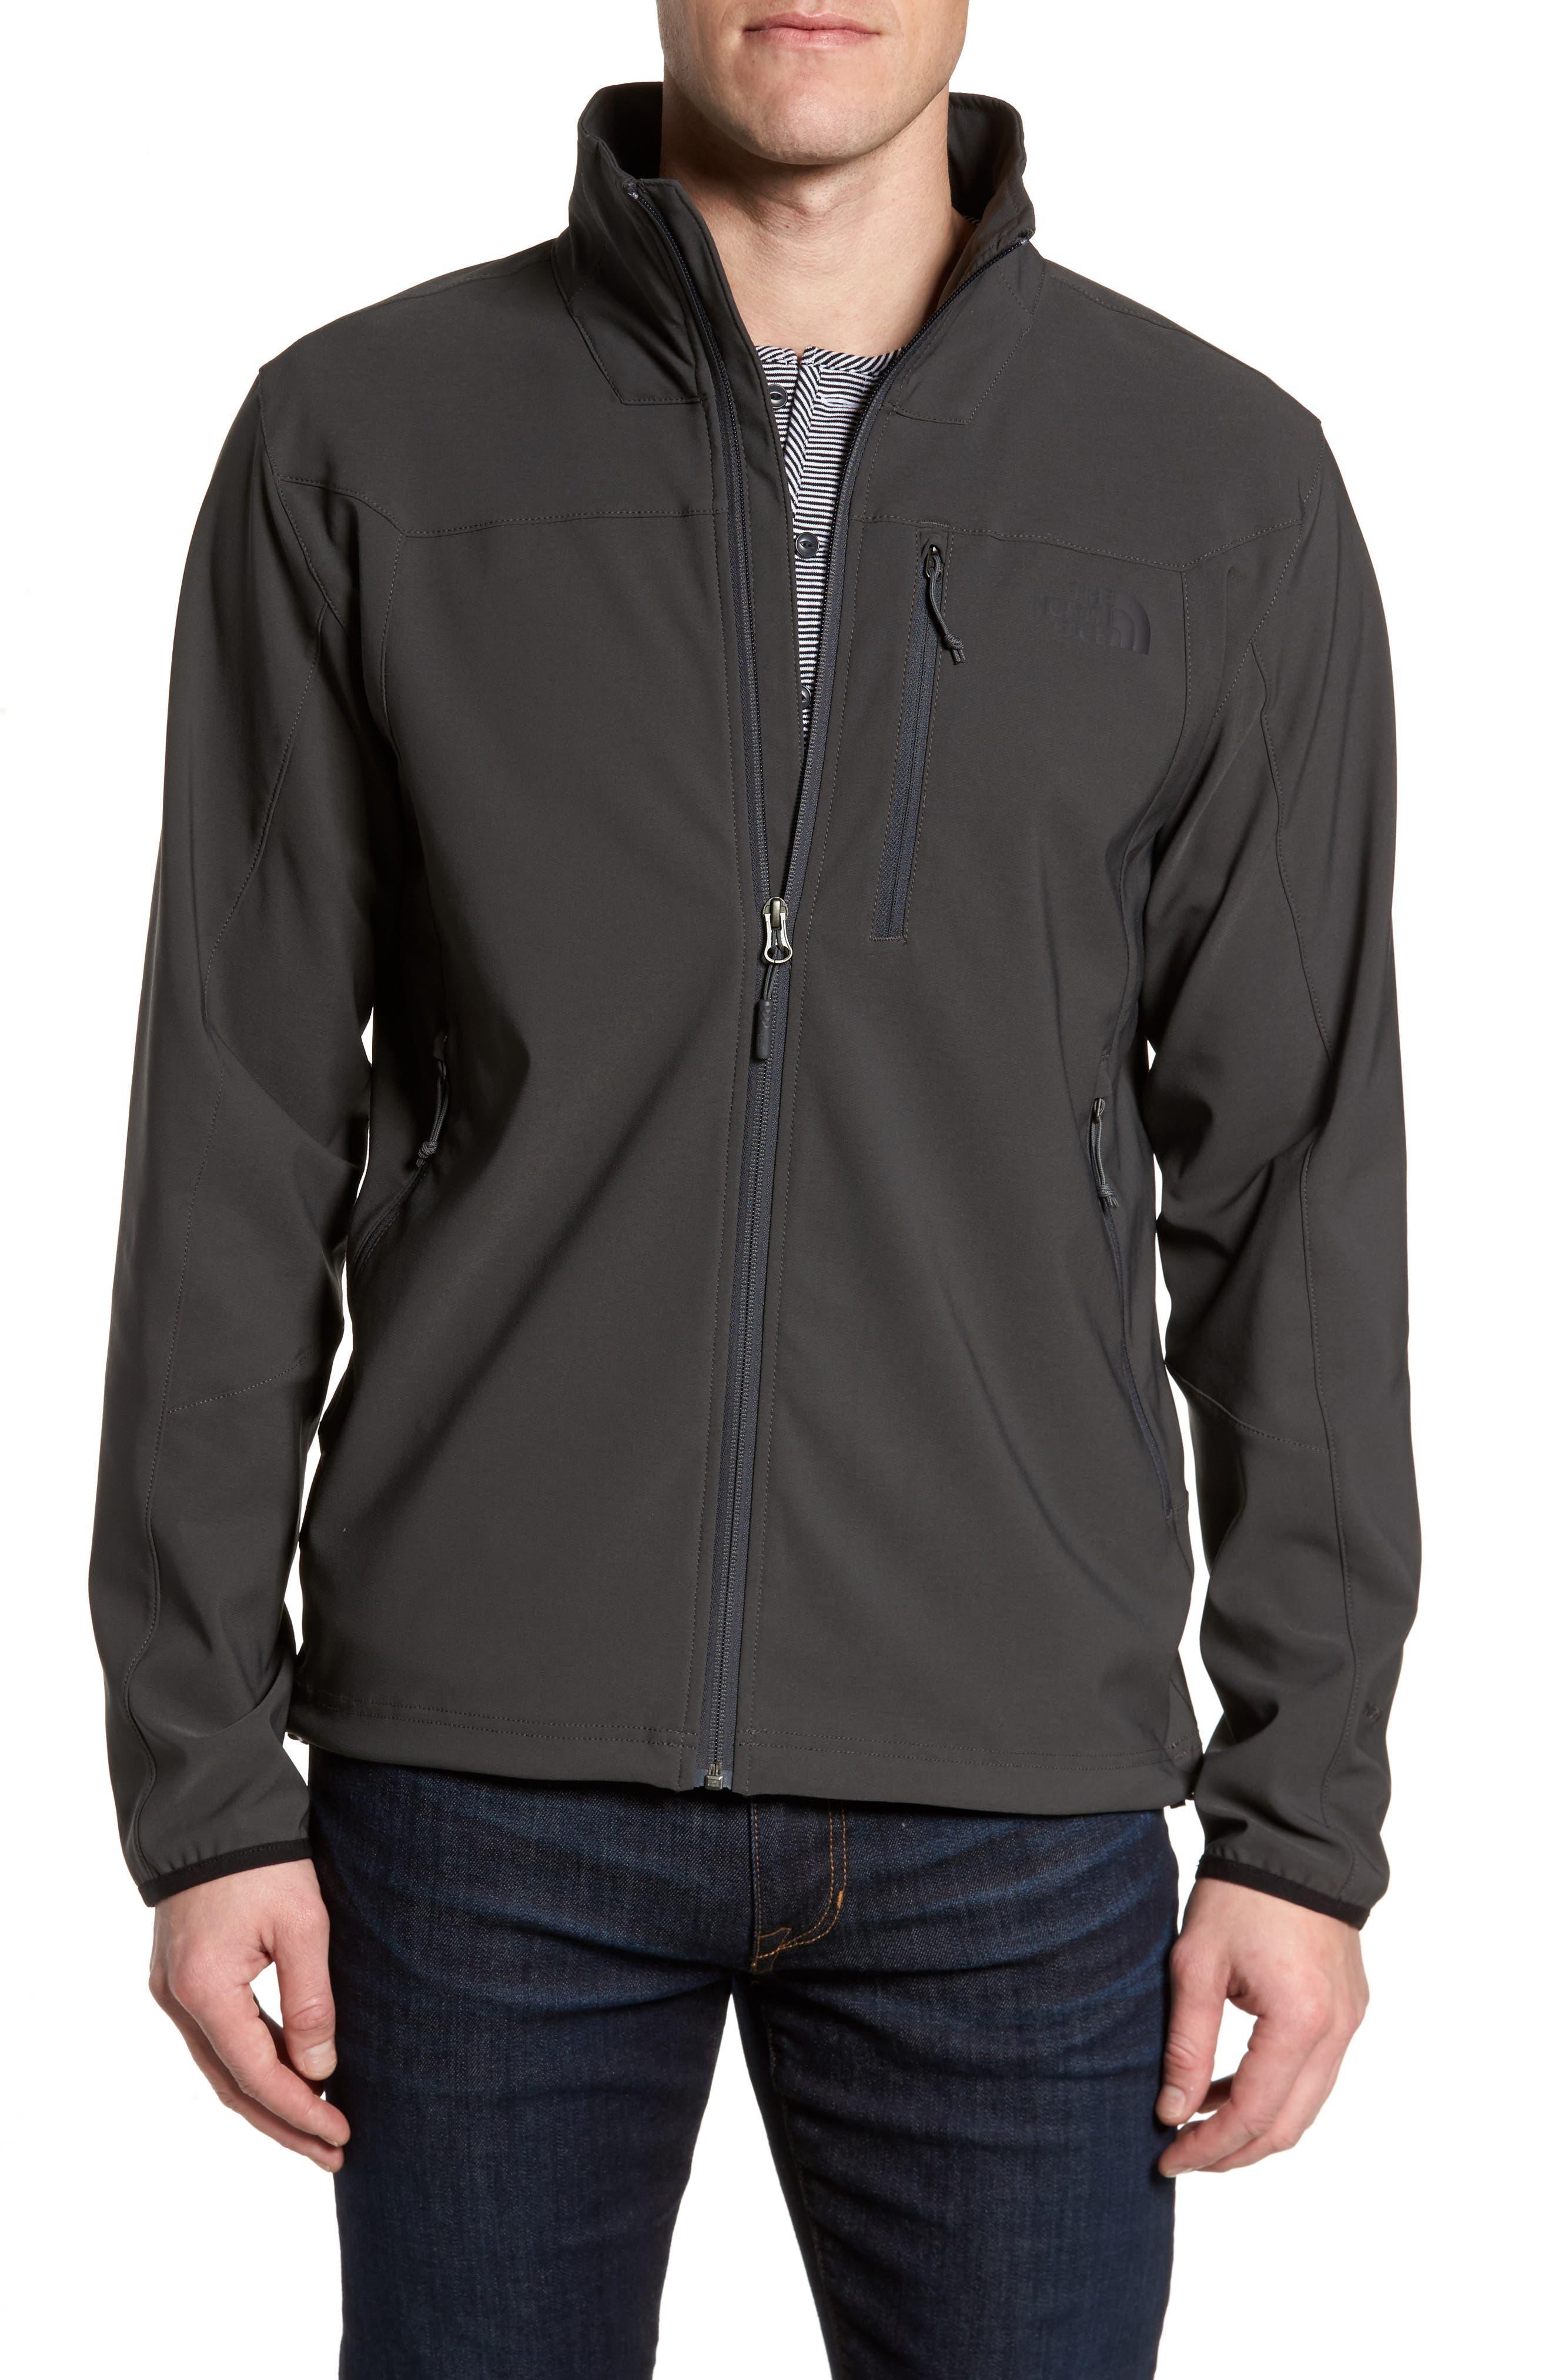 Apex Nimble Jacket,                             Main thumbnail 1, color,                             Asphalt Grey/ Asphalt Grey